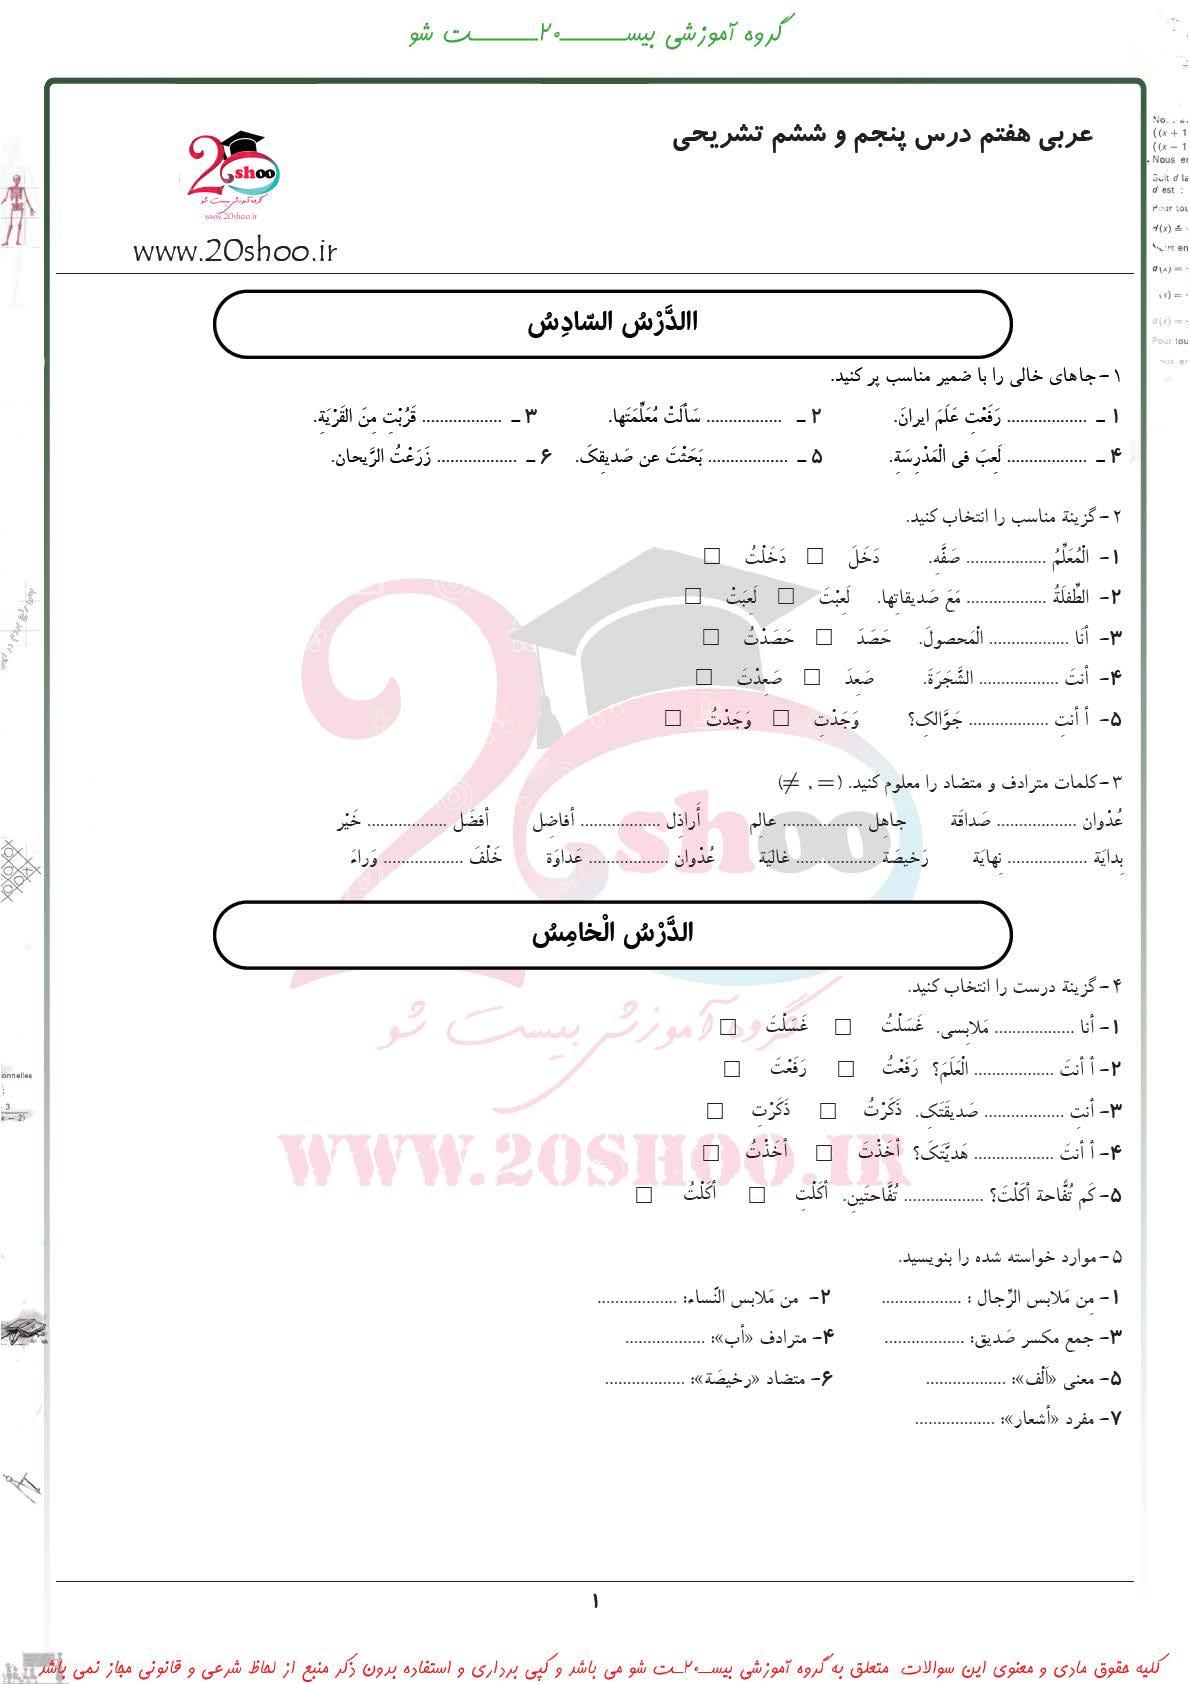 سوالات تشریحی عربی هفتم فصل 5 و 6